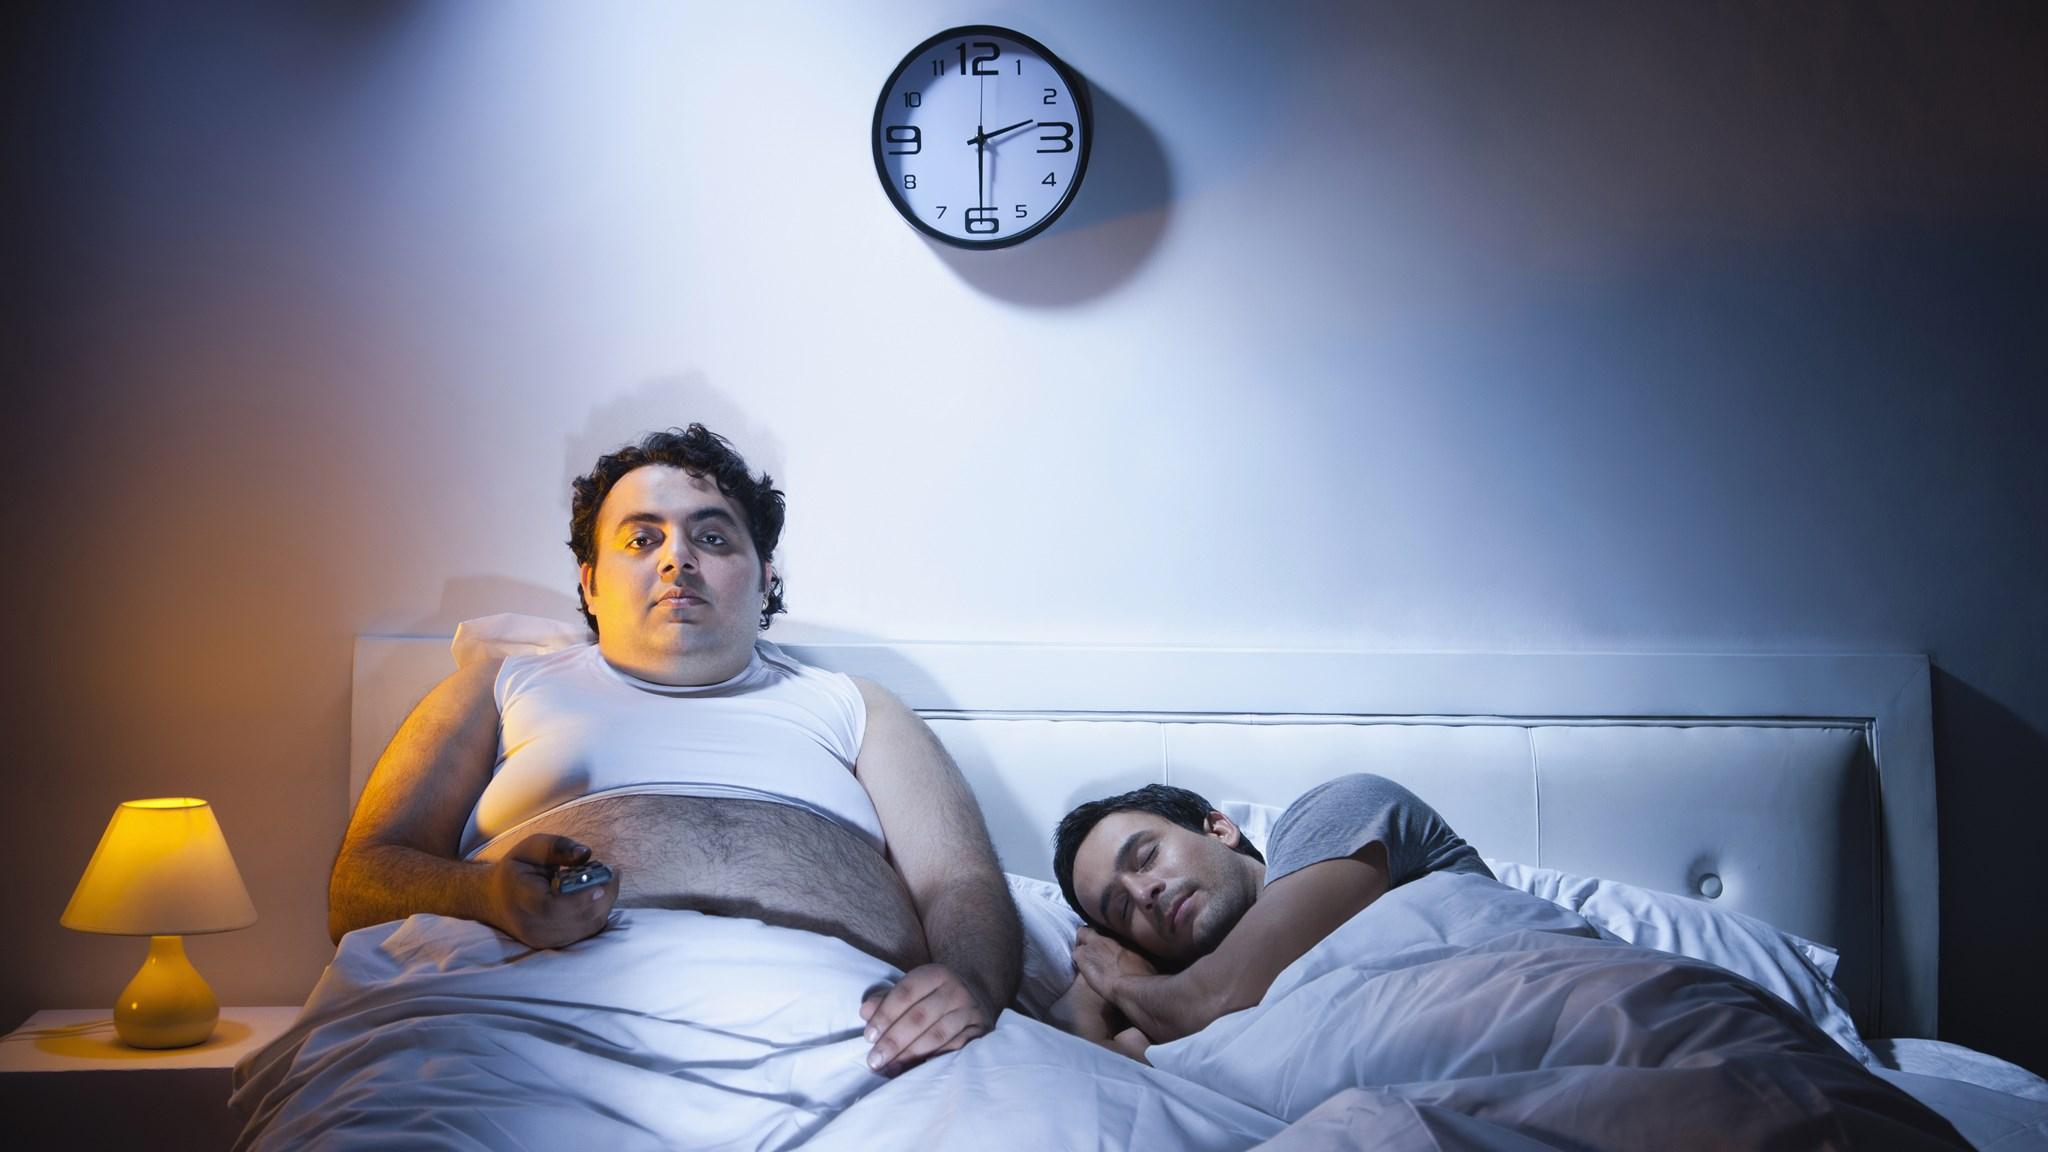 Похудеть Во Сне Сон. Сон и похудение: почему человек худеет во сне?